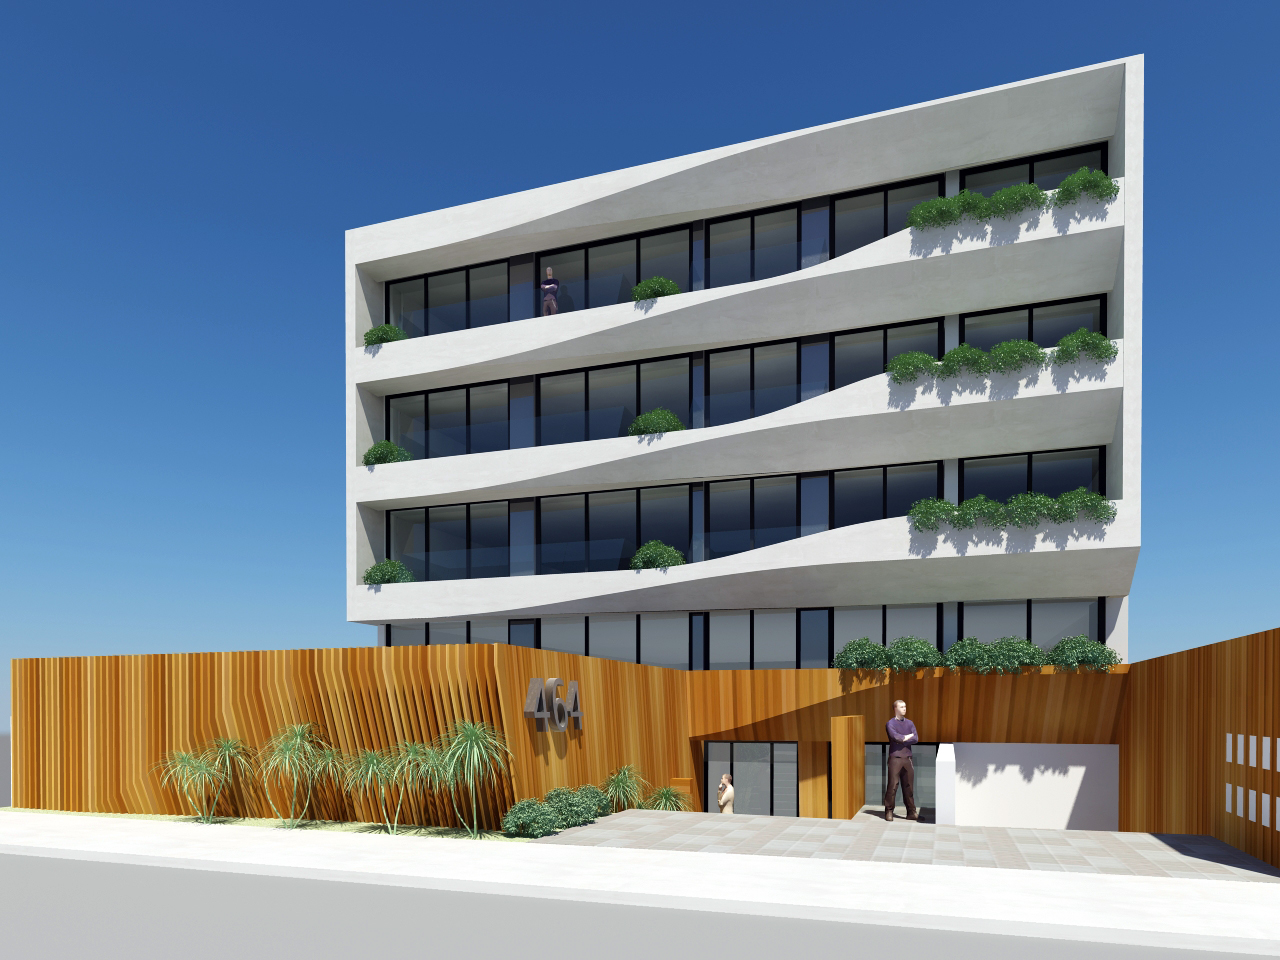 San Isidro 464 Apartments [2014]